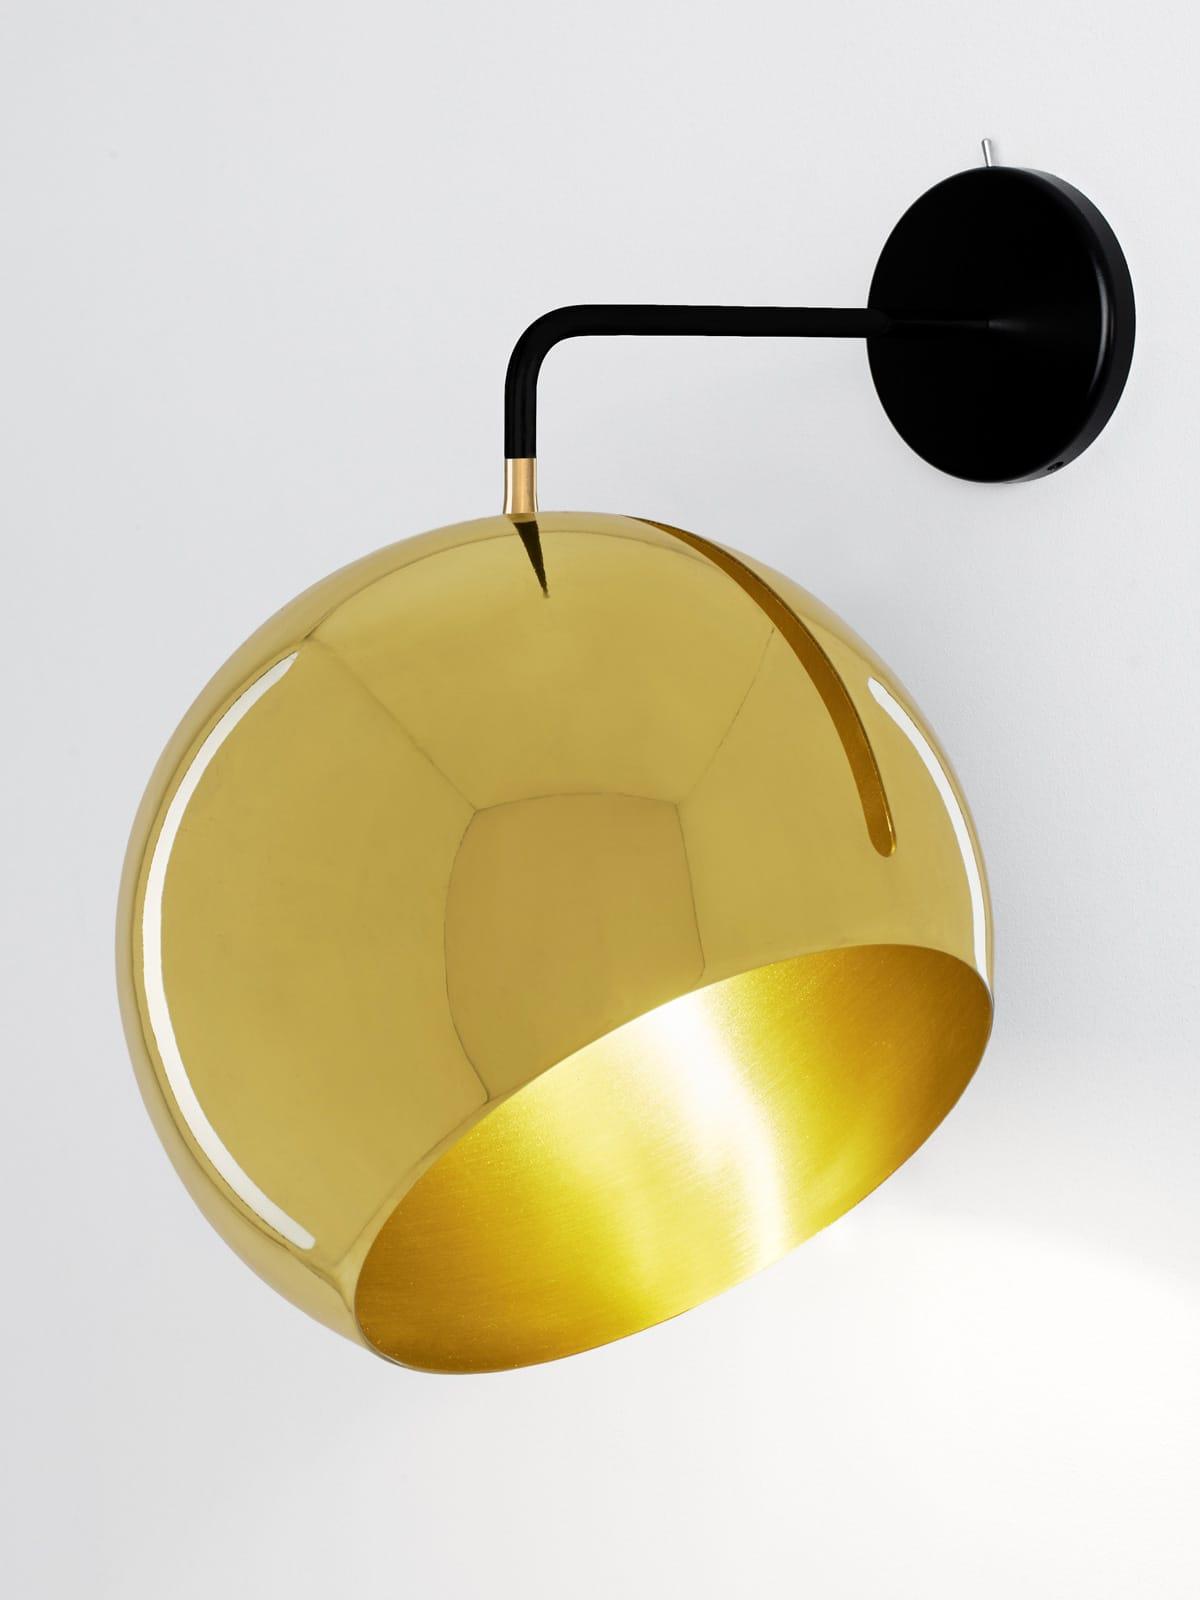 NYTA Messinglampe für Wand von NYTA bei Designort Berlin